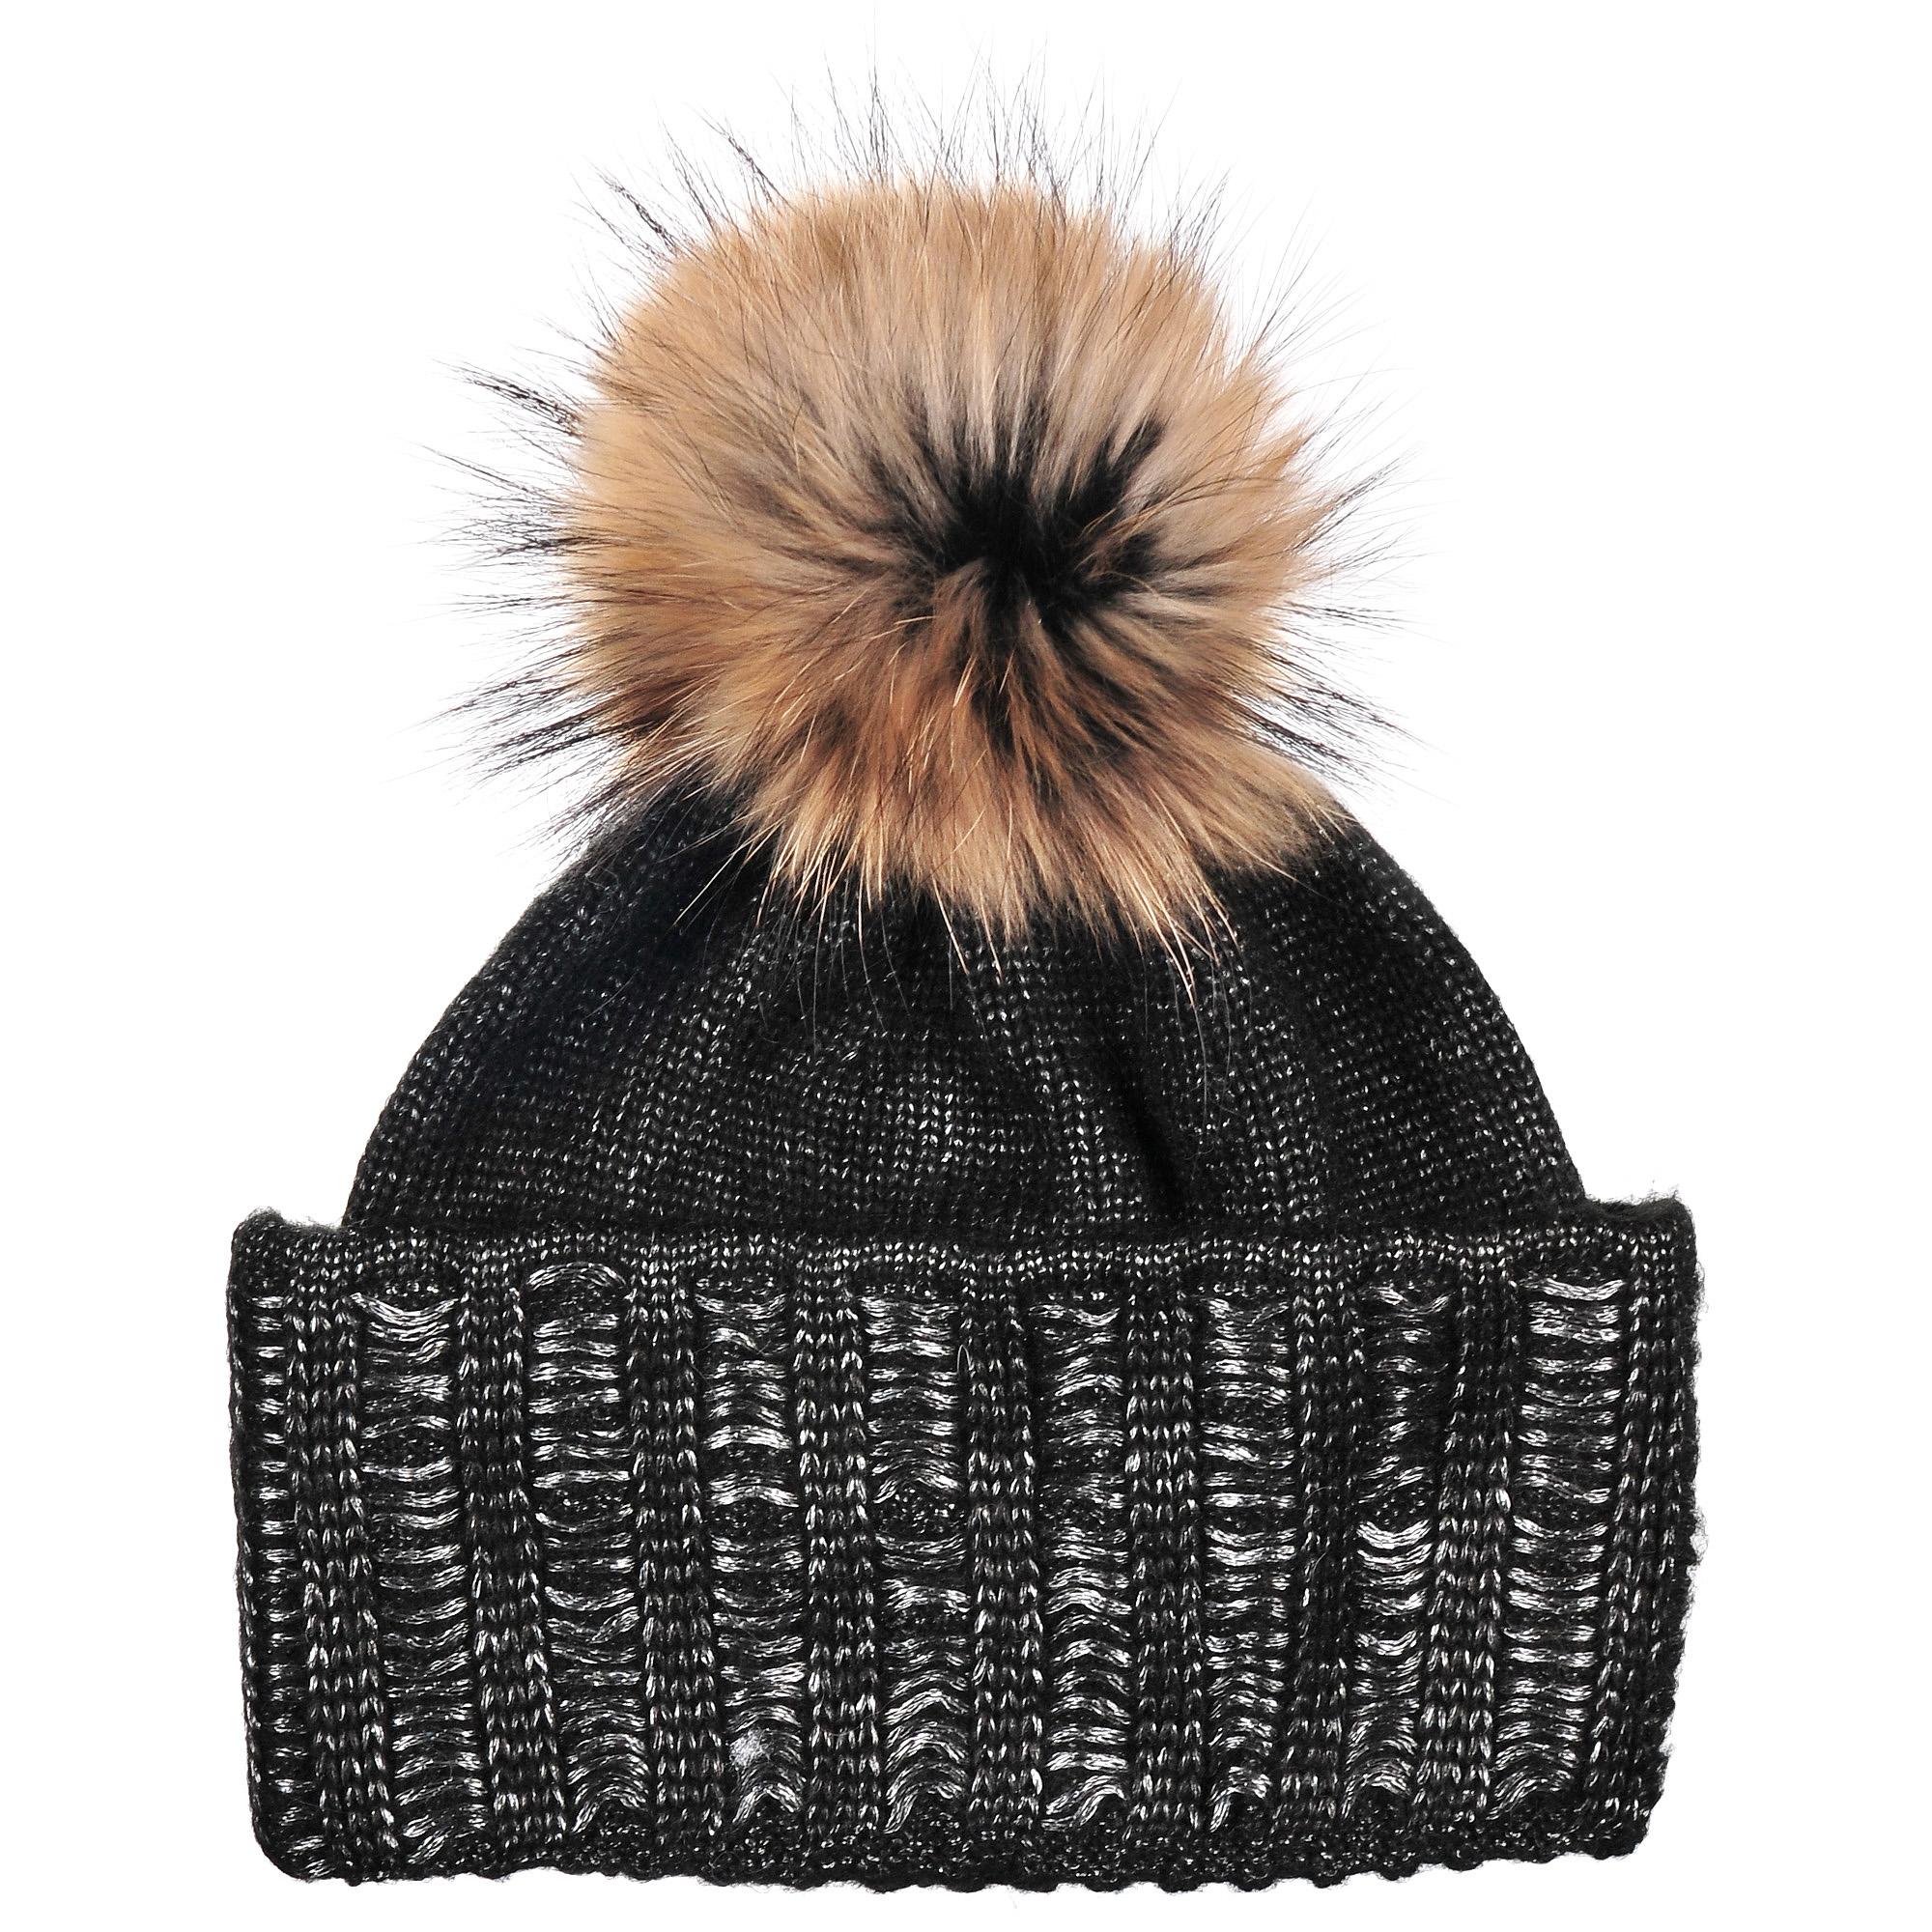 4-0046-180Стильная однослойная шапка с отворотом с натуральной шерстью в составе и помпоном из натурального меха. Меланжевая вязка. Отличный аксессуар защитит в непогоду и подарит ощущение теплоты.